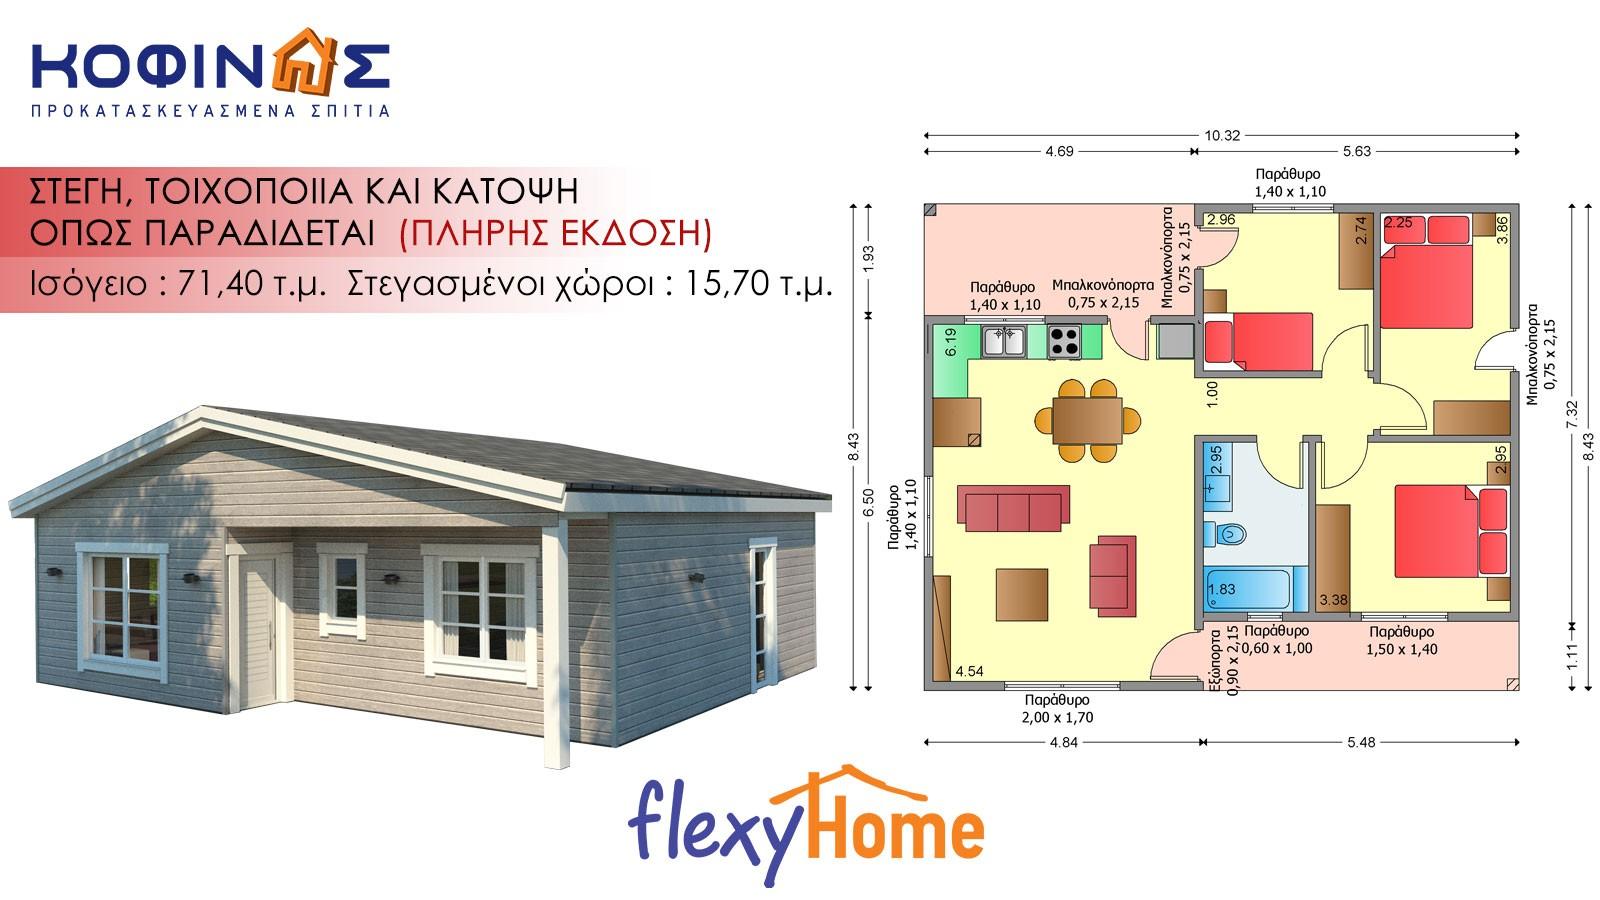 Ισόγεια flexyhome Κατοικία IF-71.